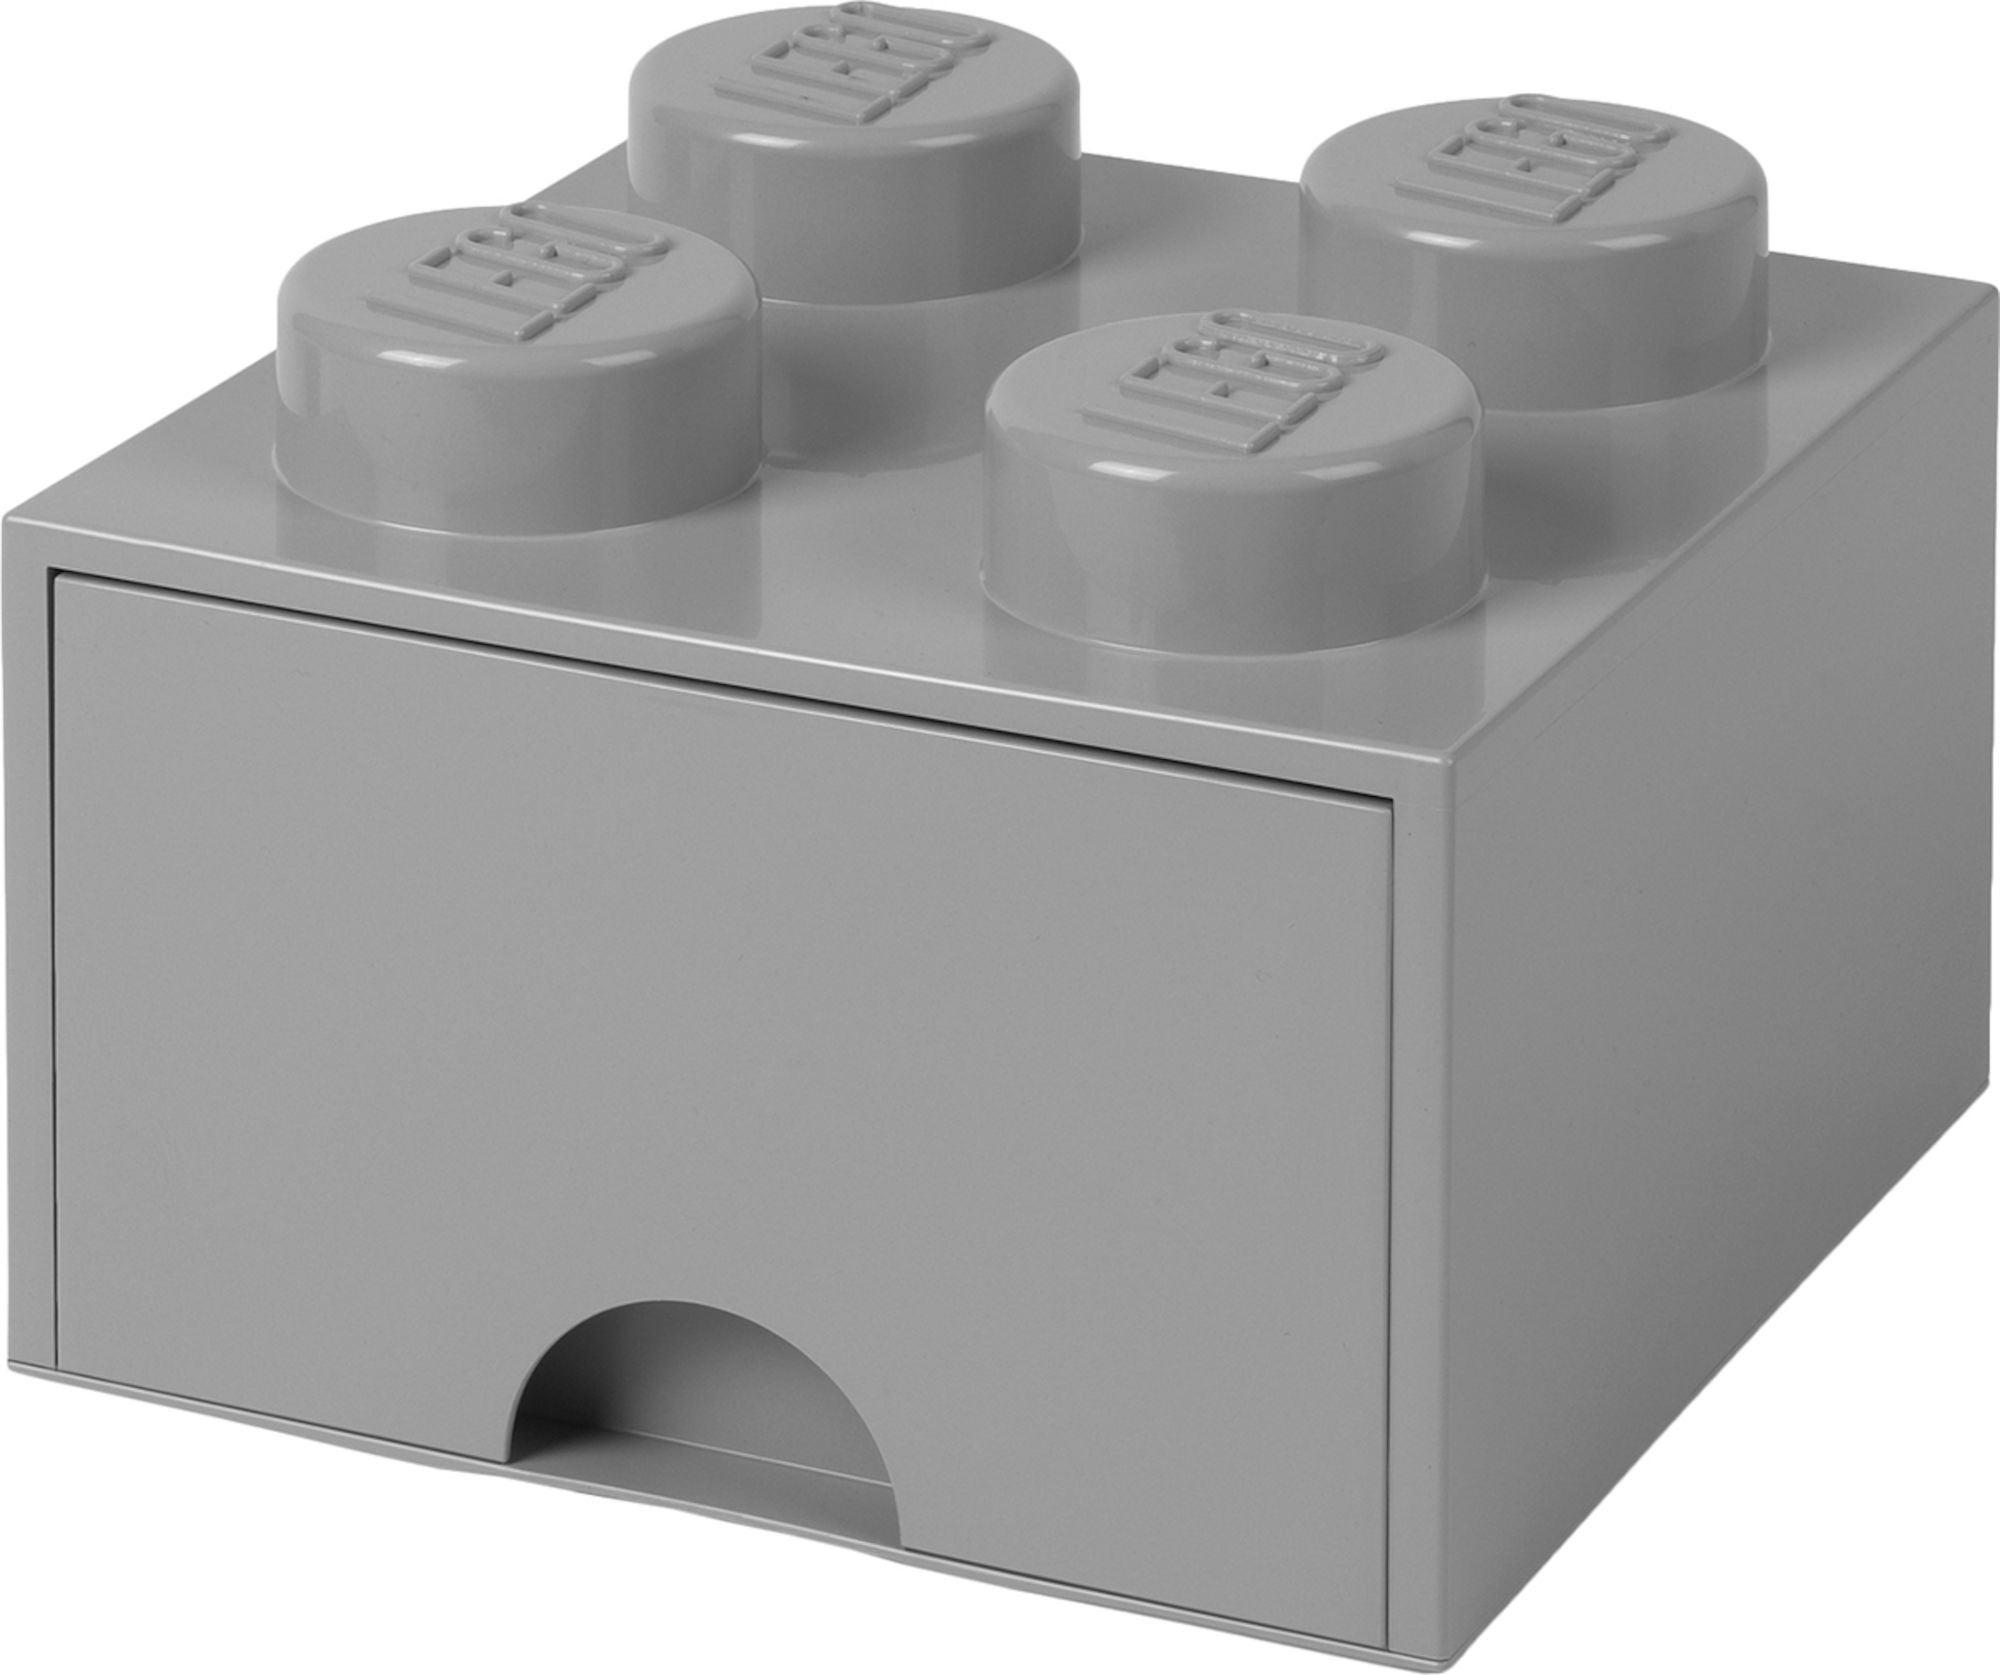 LEGO Förvaring med låda 4, Grå